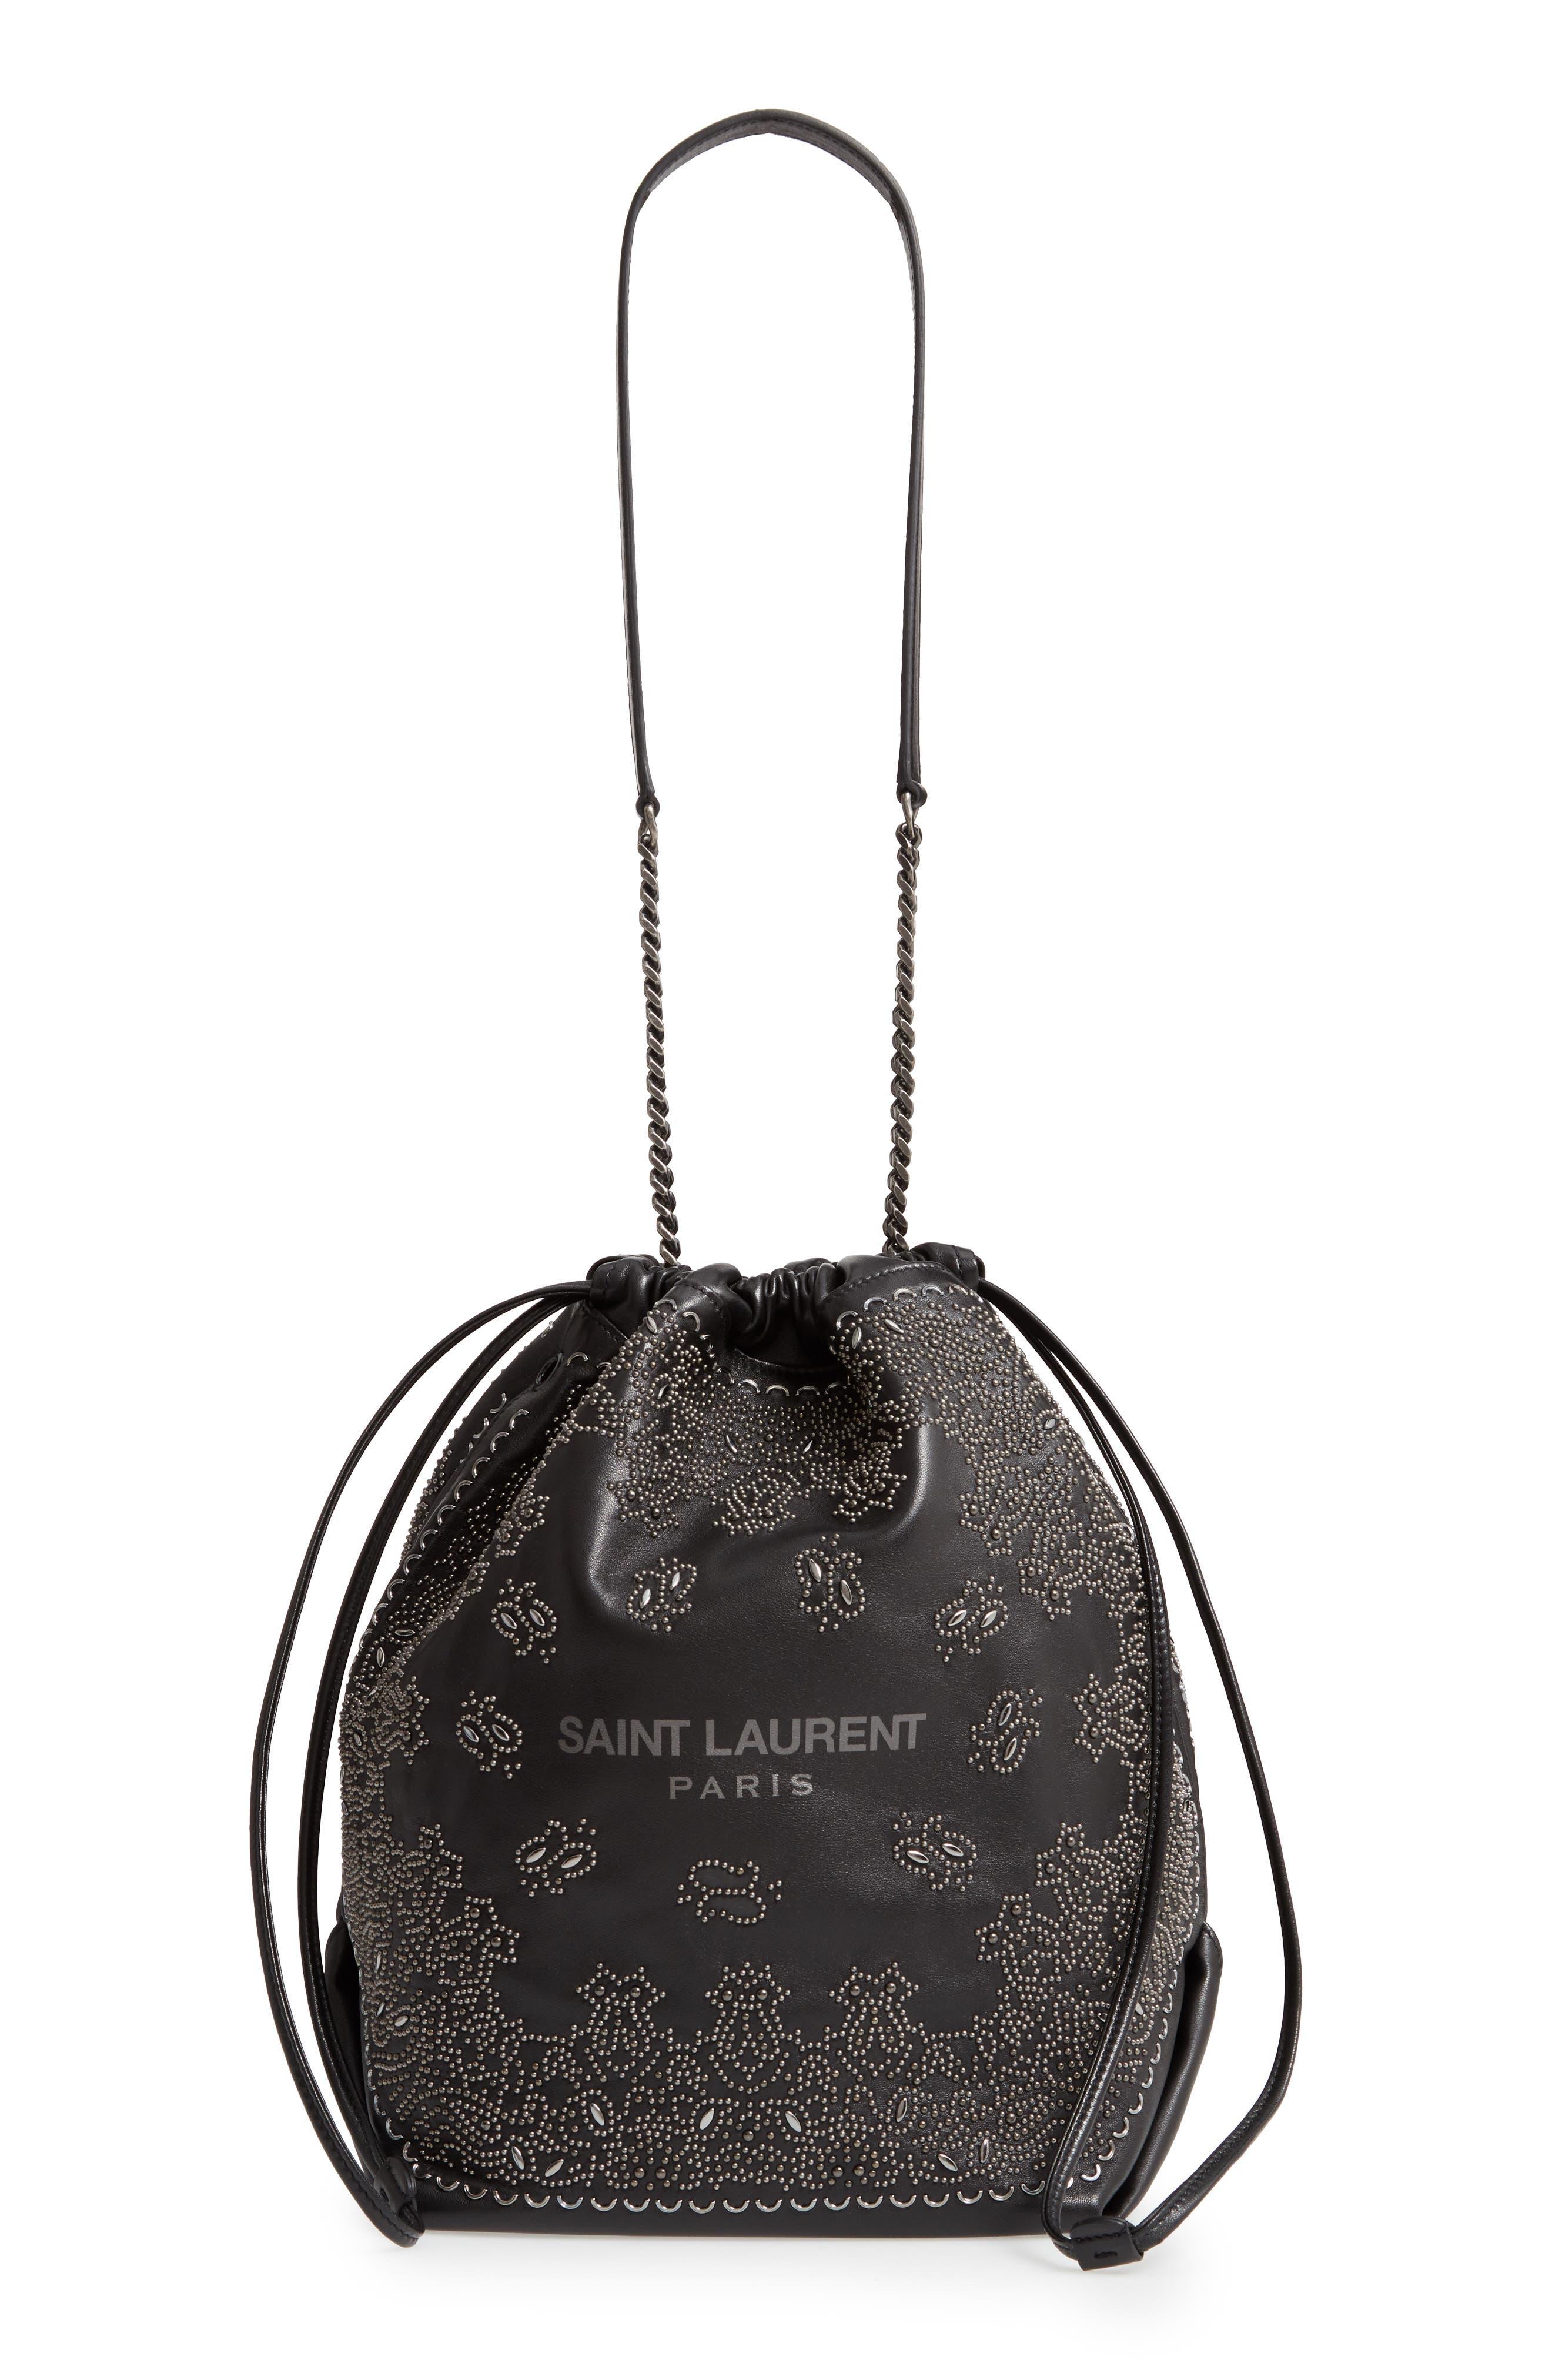 Teddy Bandana Studded Leather Bucket Bag,                             Main thumbnail 1, color,                             NOIR